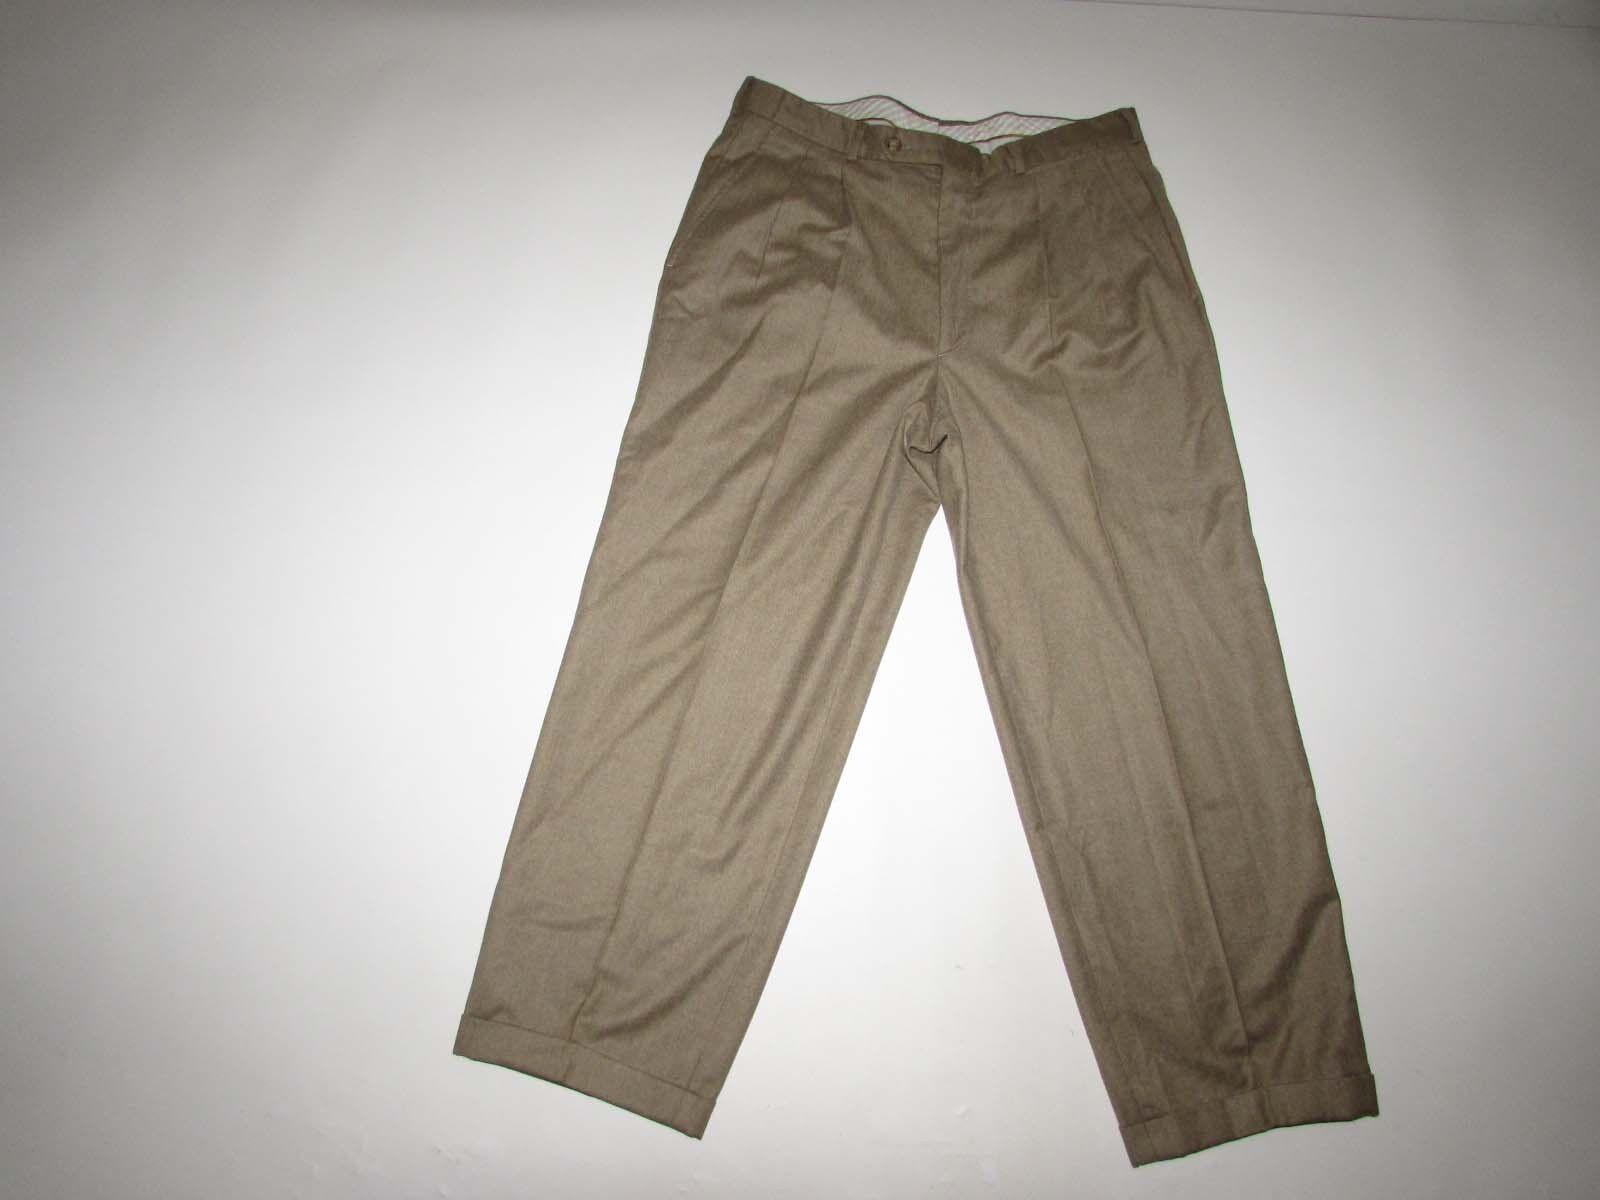 Biella G. Vasta Men's Dress Pants 35 x 27.5 Light Brown Lgold Piana Wool Cashmere